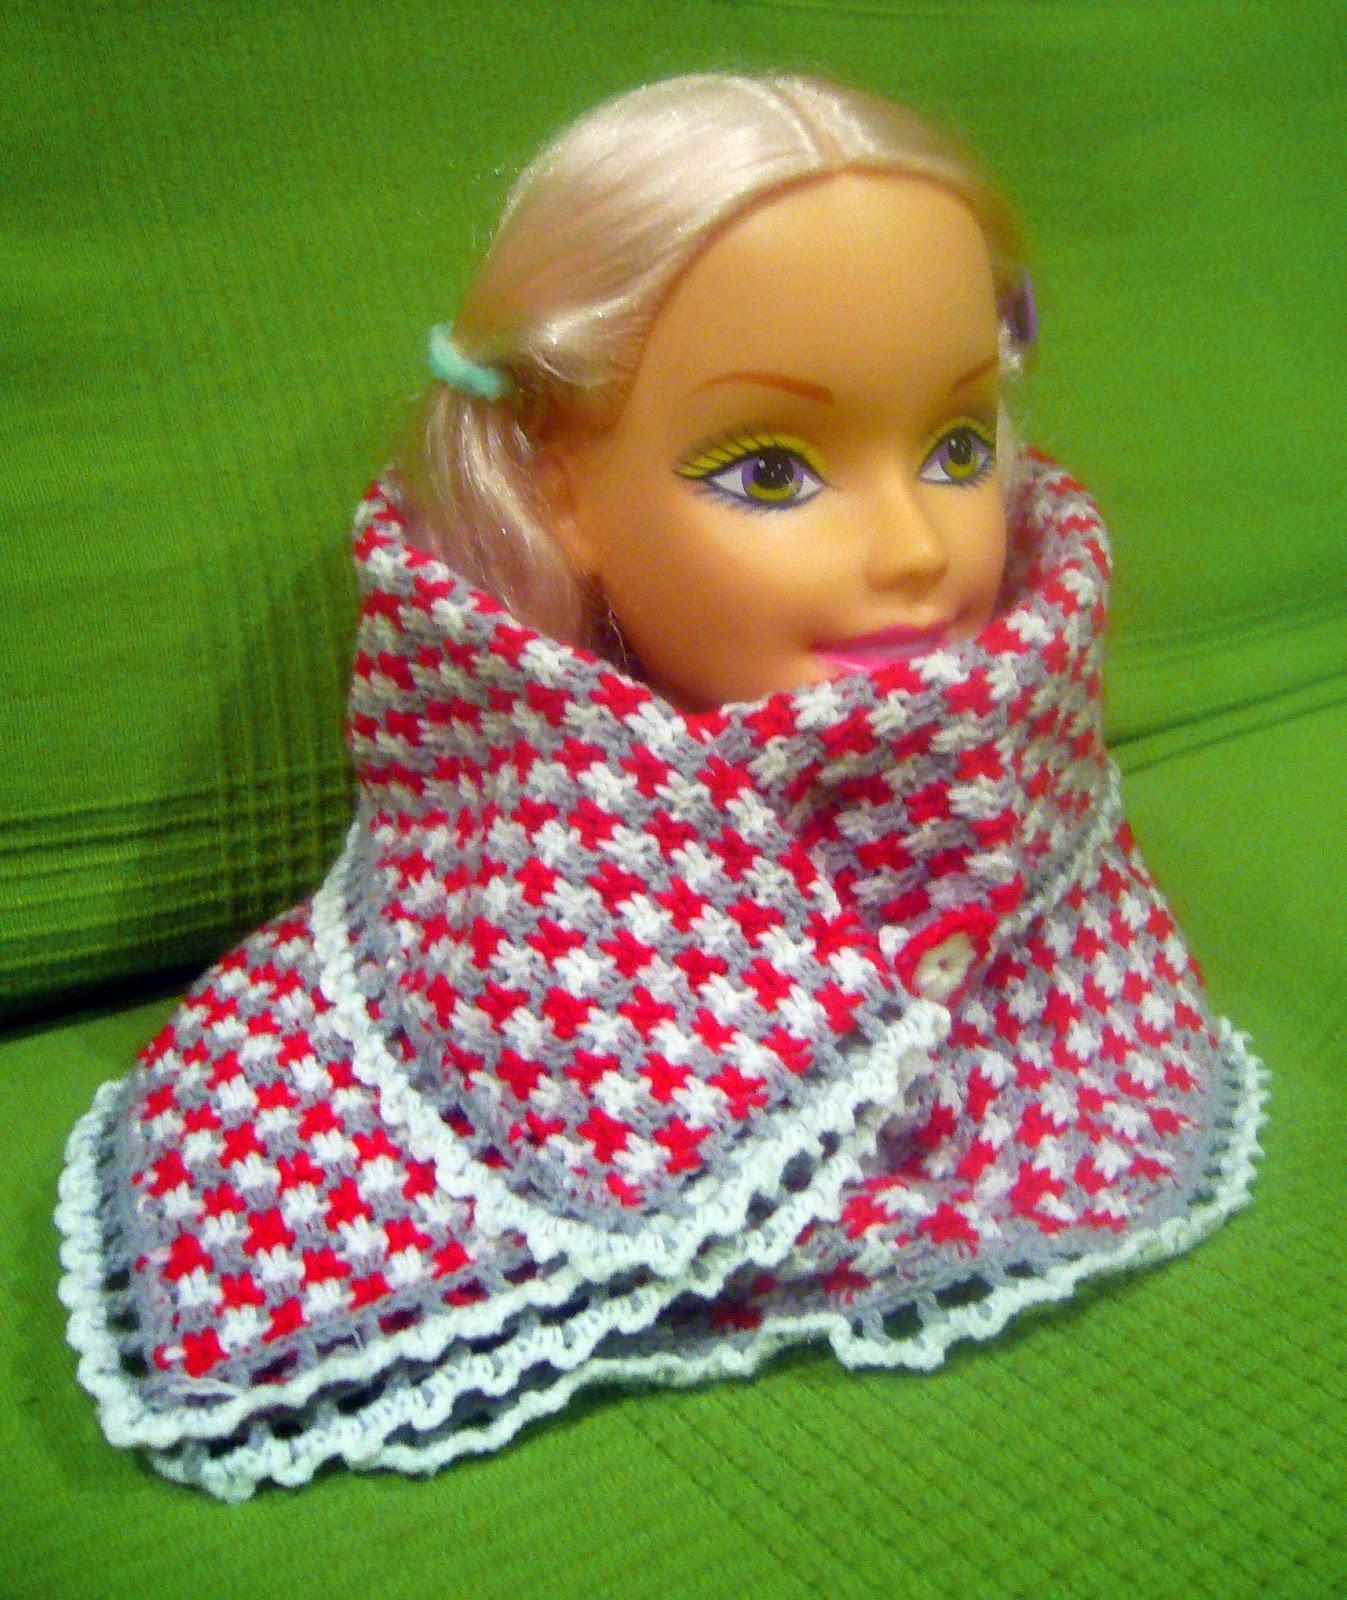 busto de muñeca con bufanda